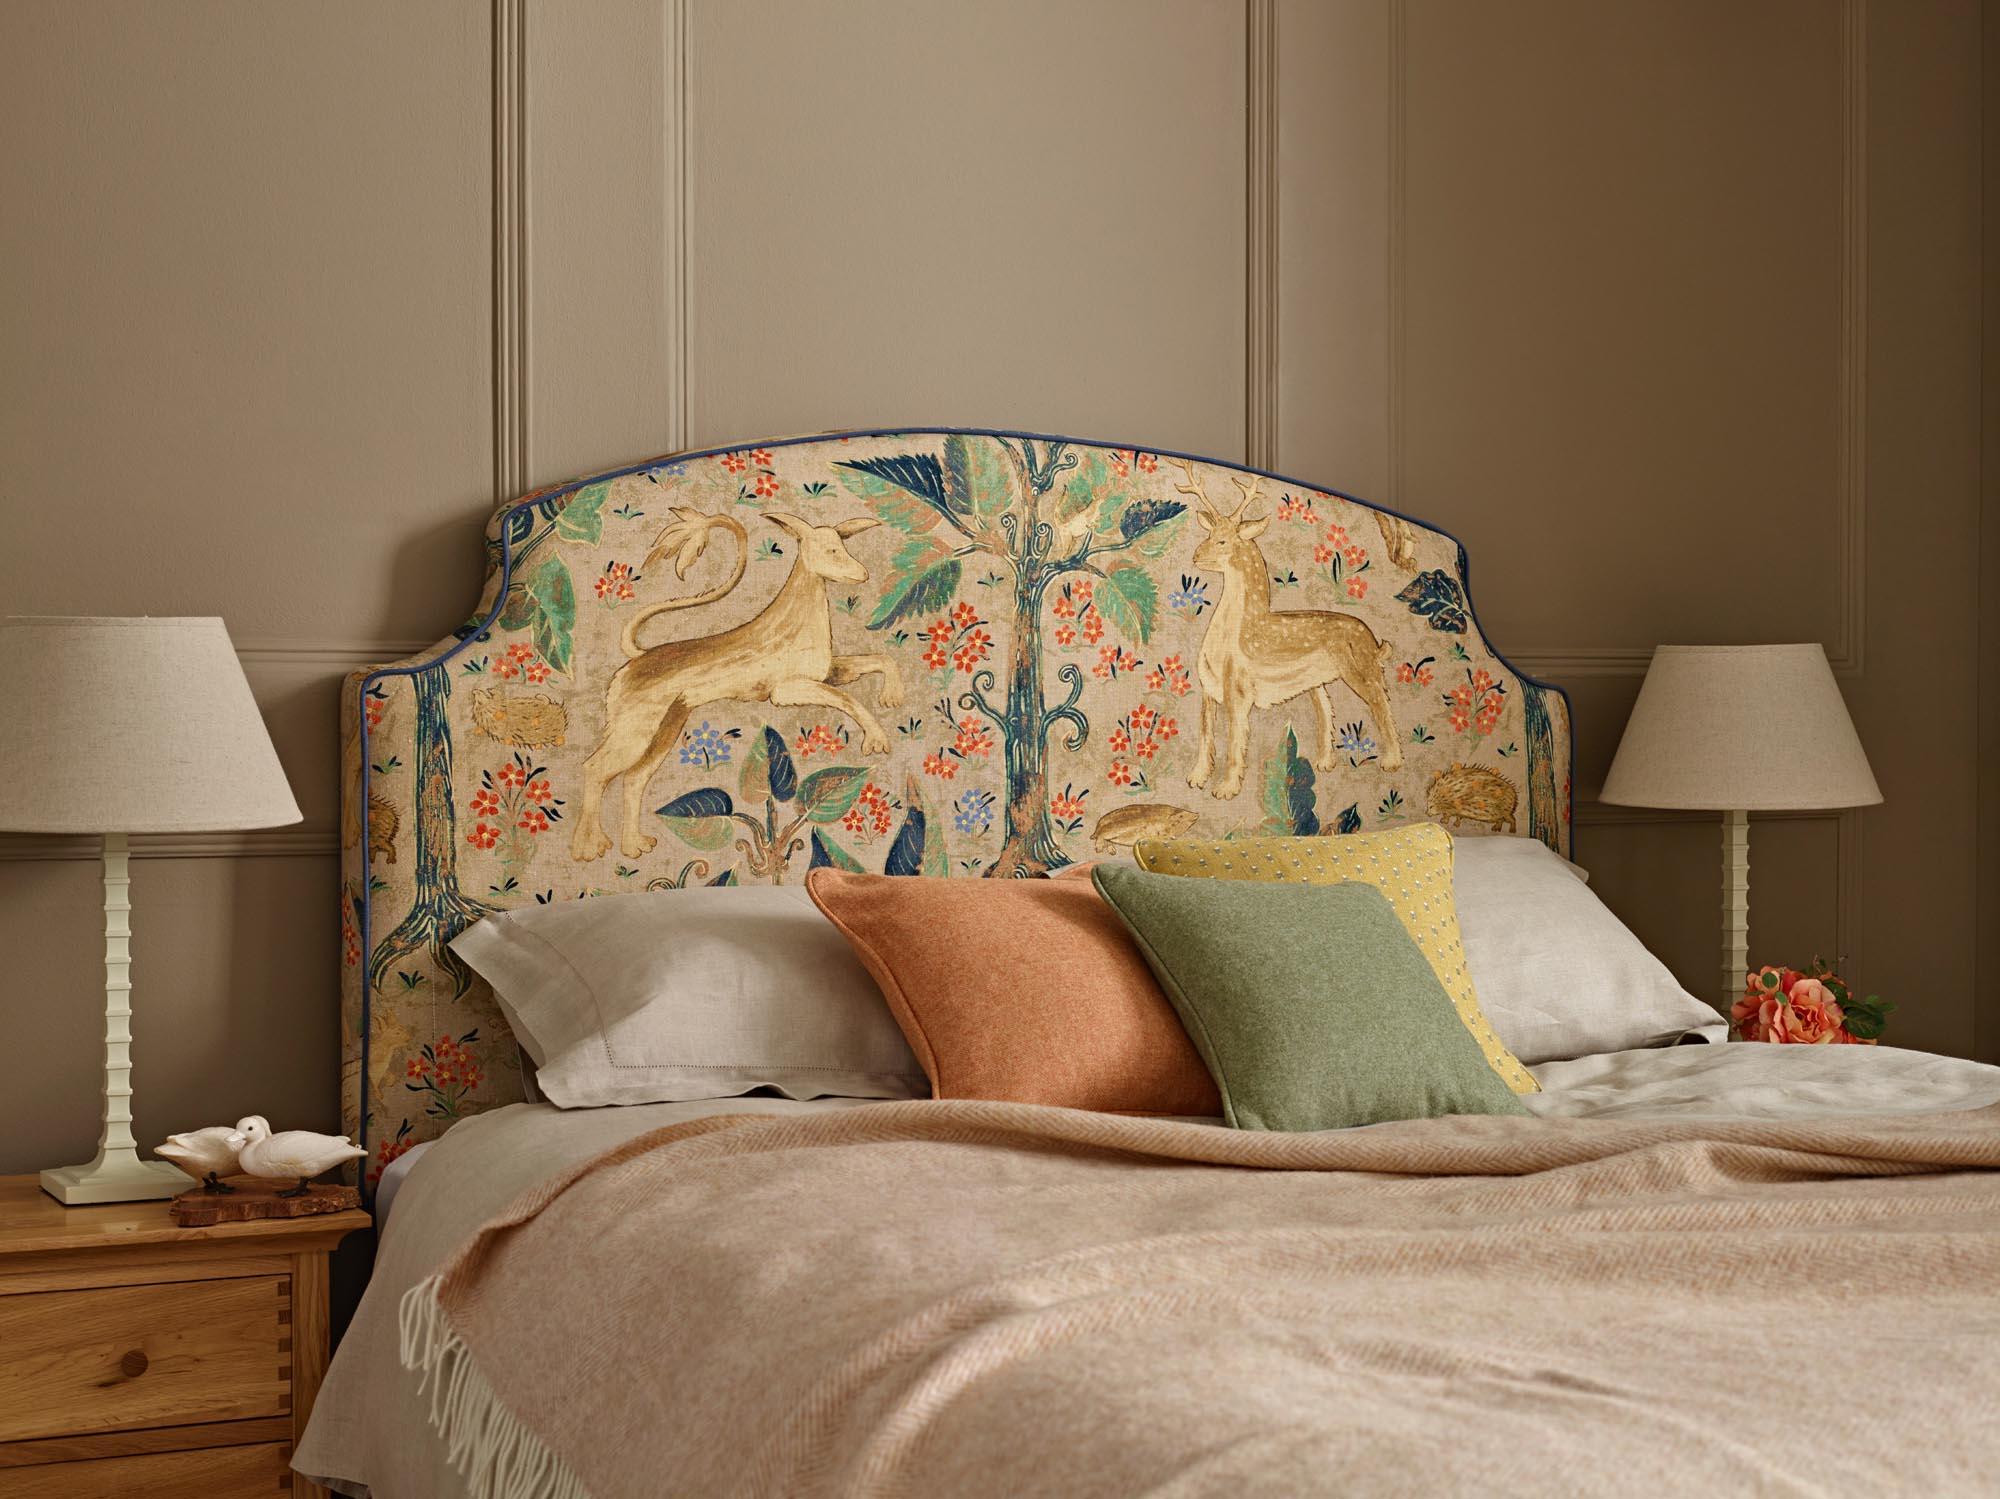 Dekoracje do sypialni. Wybór najciekawszych ozdób